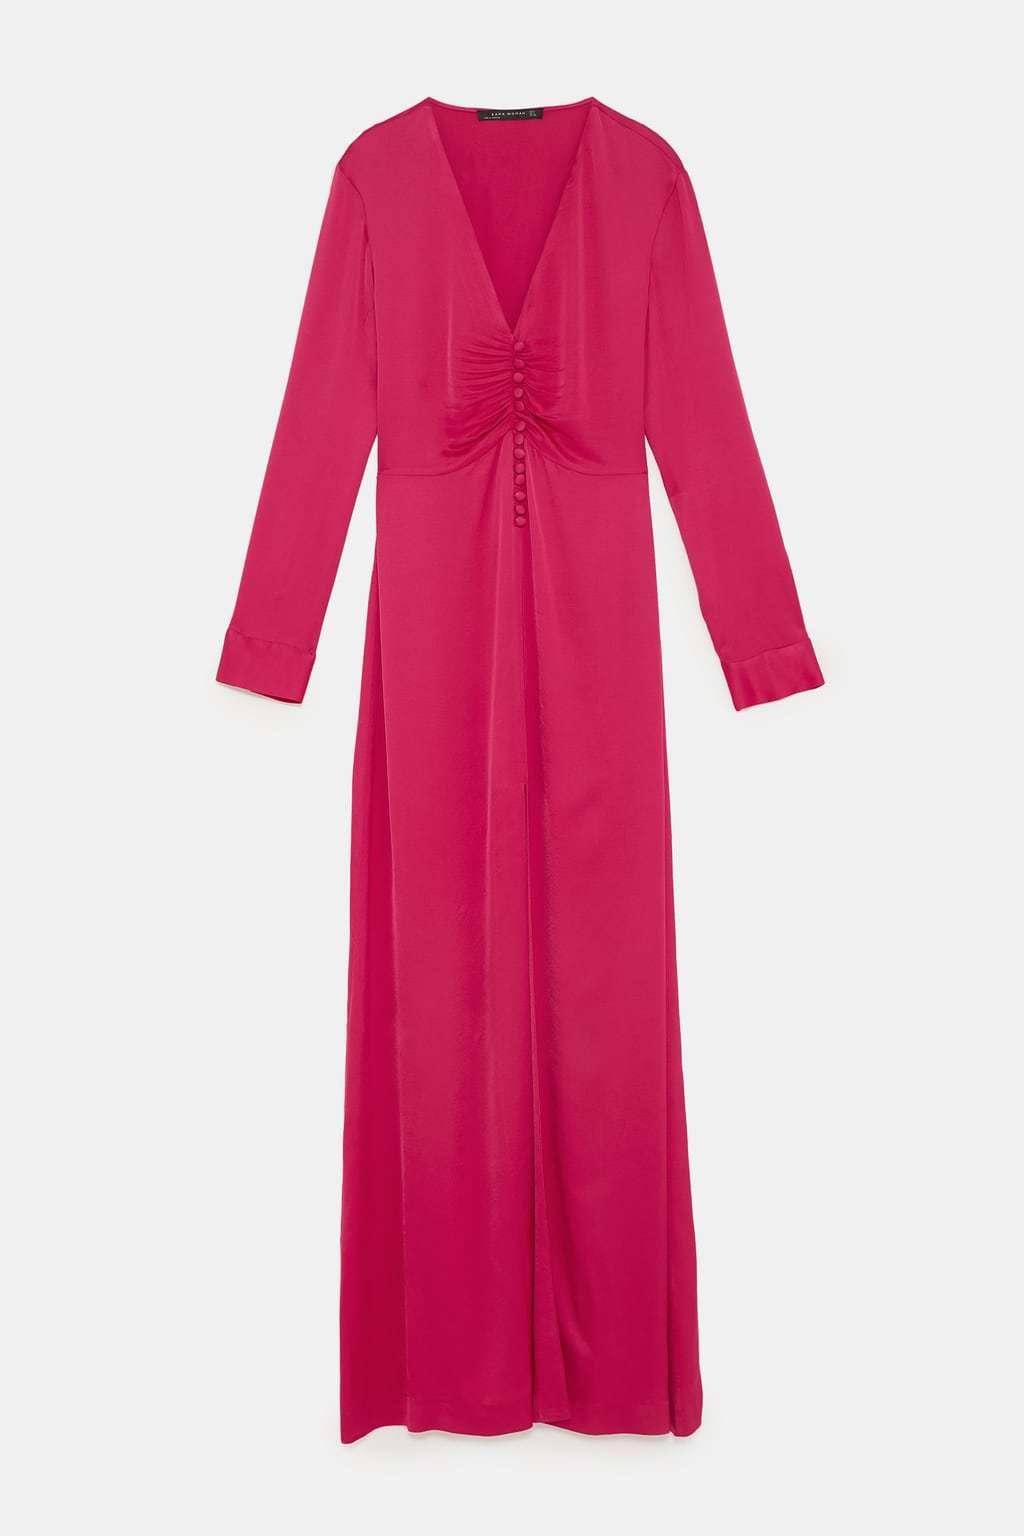 Vestido largo fucsia, de Zara (69,95 euros).